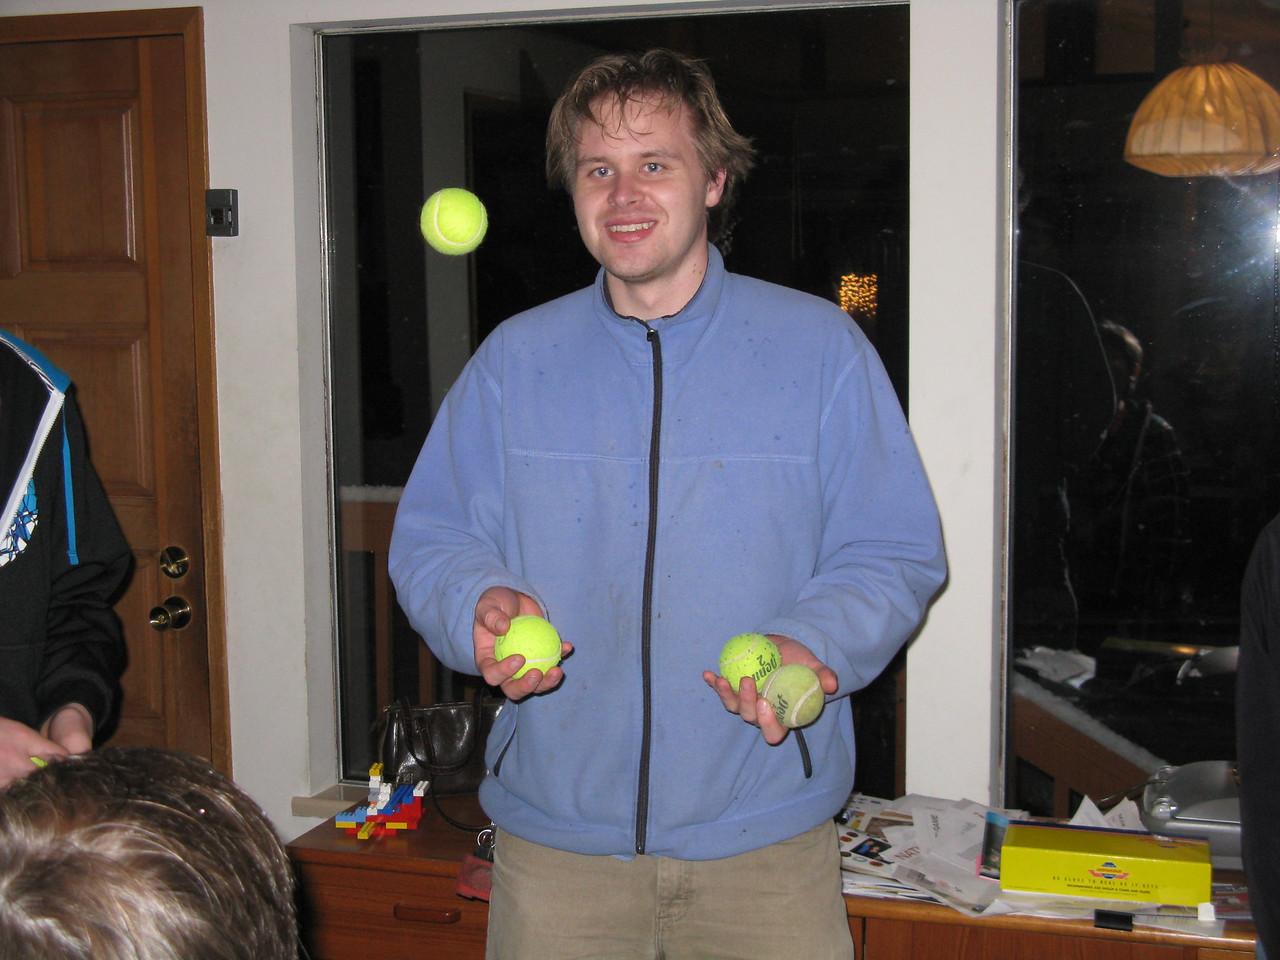 Nathan juggling.